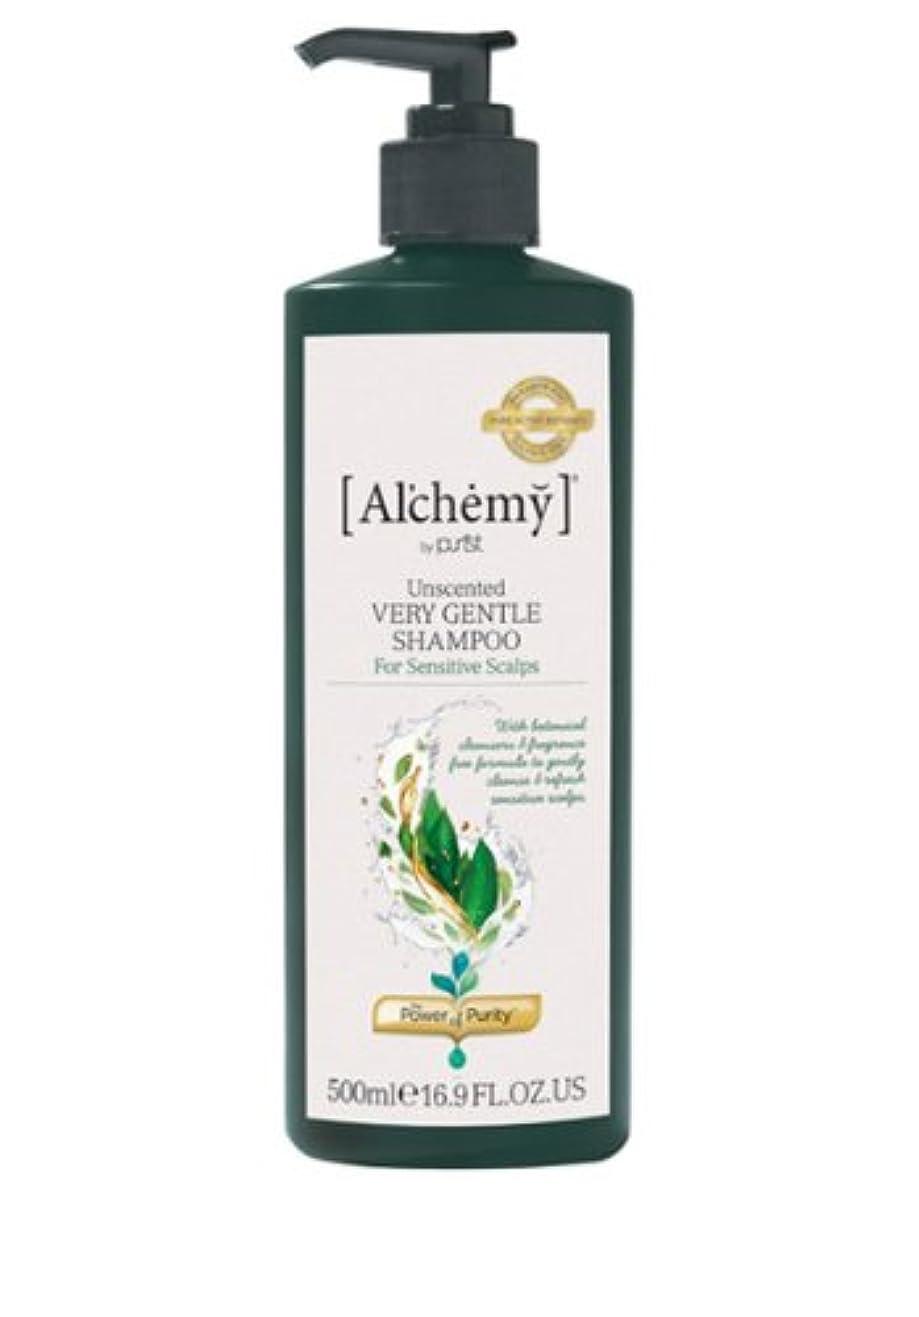 セイはさておきプロトタイプ固体【Al'chemy(alchemy)】アルケミー ベリージェントルシャンプー(Unscented Very Gentle Shampoo)(敏感肌用)500ml